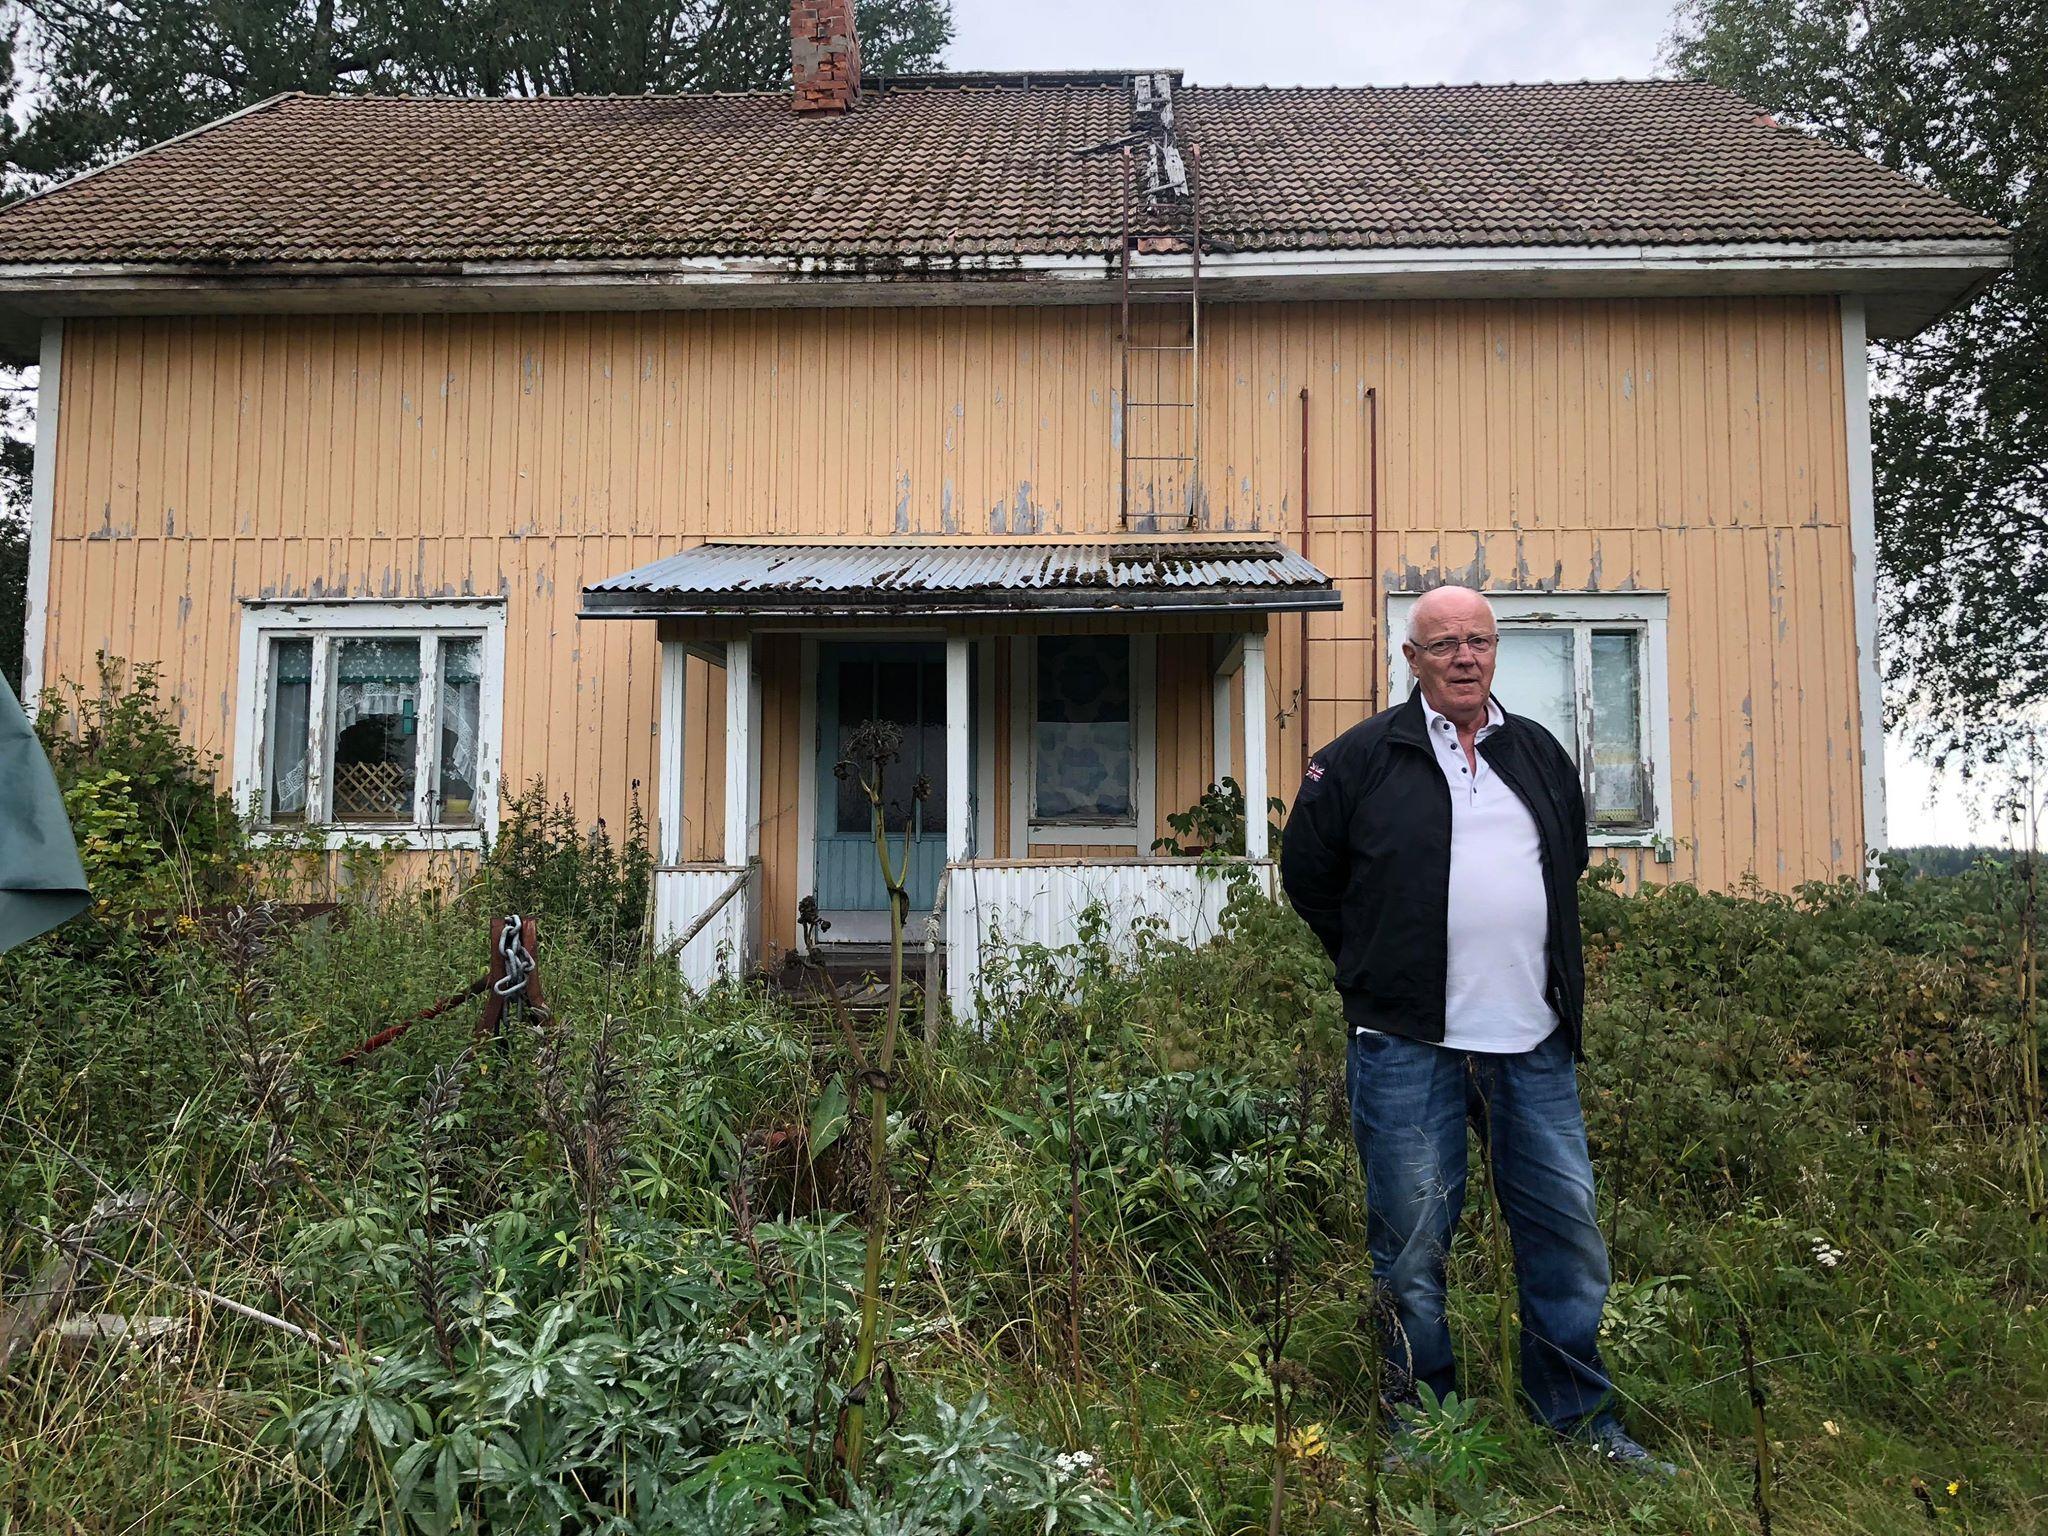 Roy Rosenback utanför den förefallna hemgården dit han flyttade som 6-åring och där han bodde i 10 år före han flyttade till Sverige.